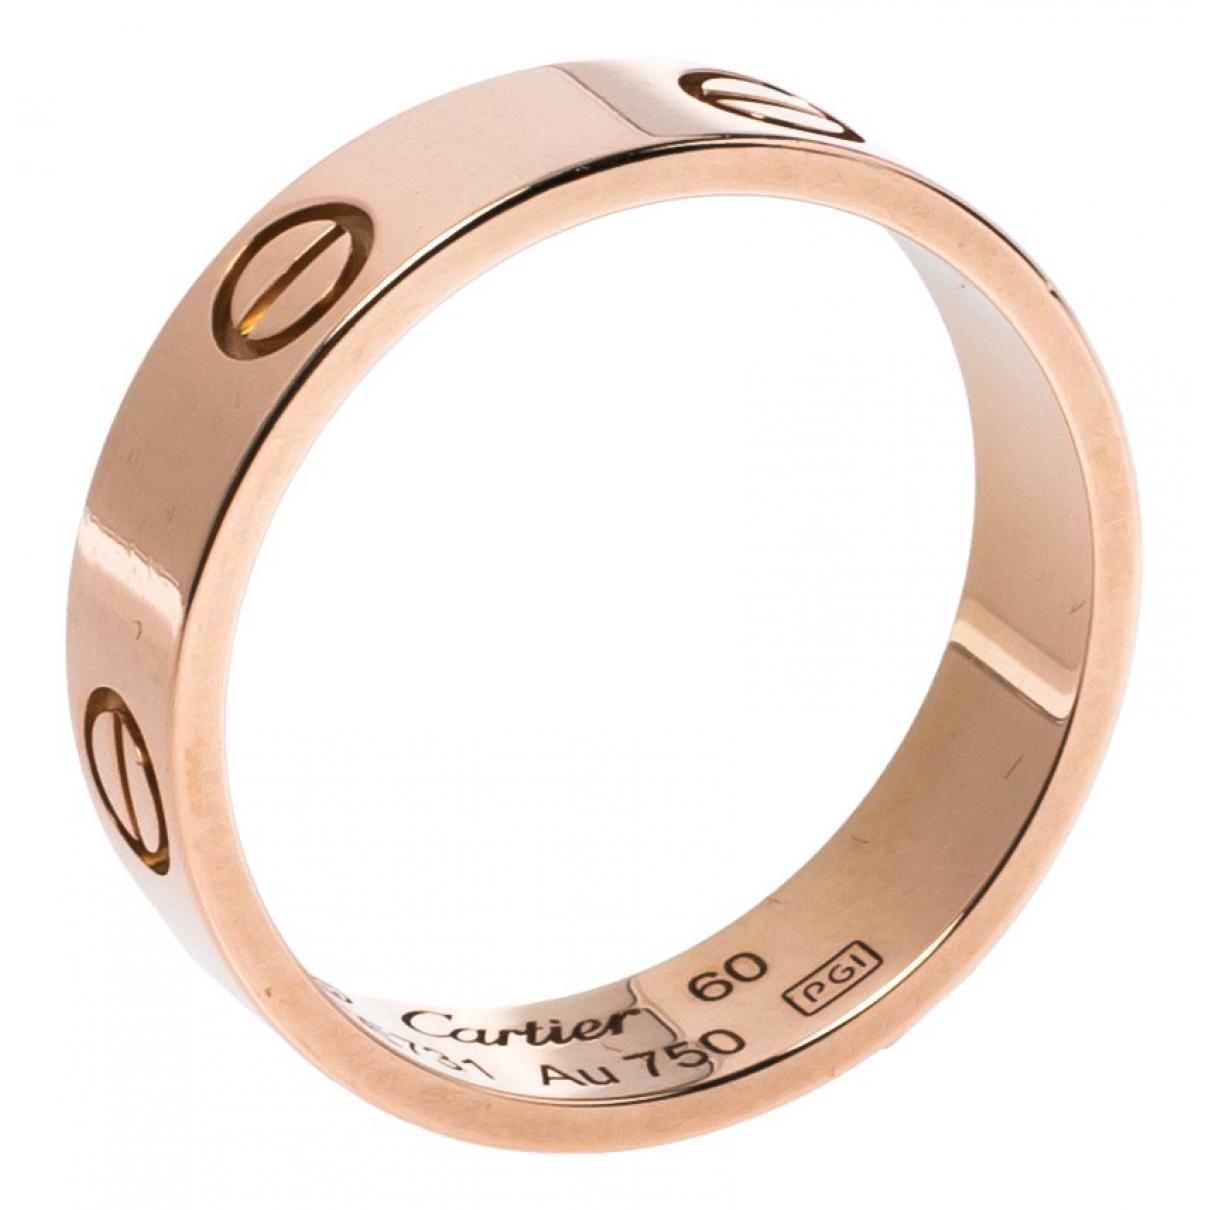 Cartier - Bague Love pour femme en or rose